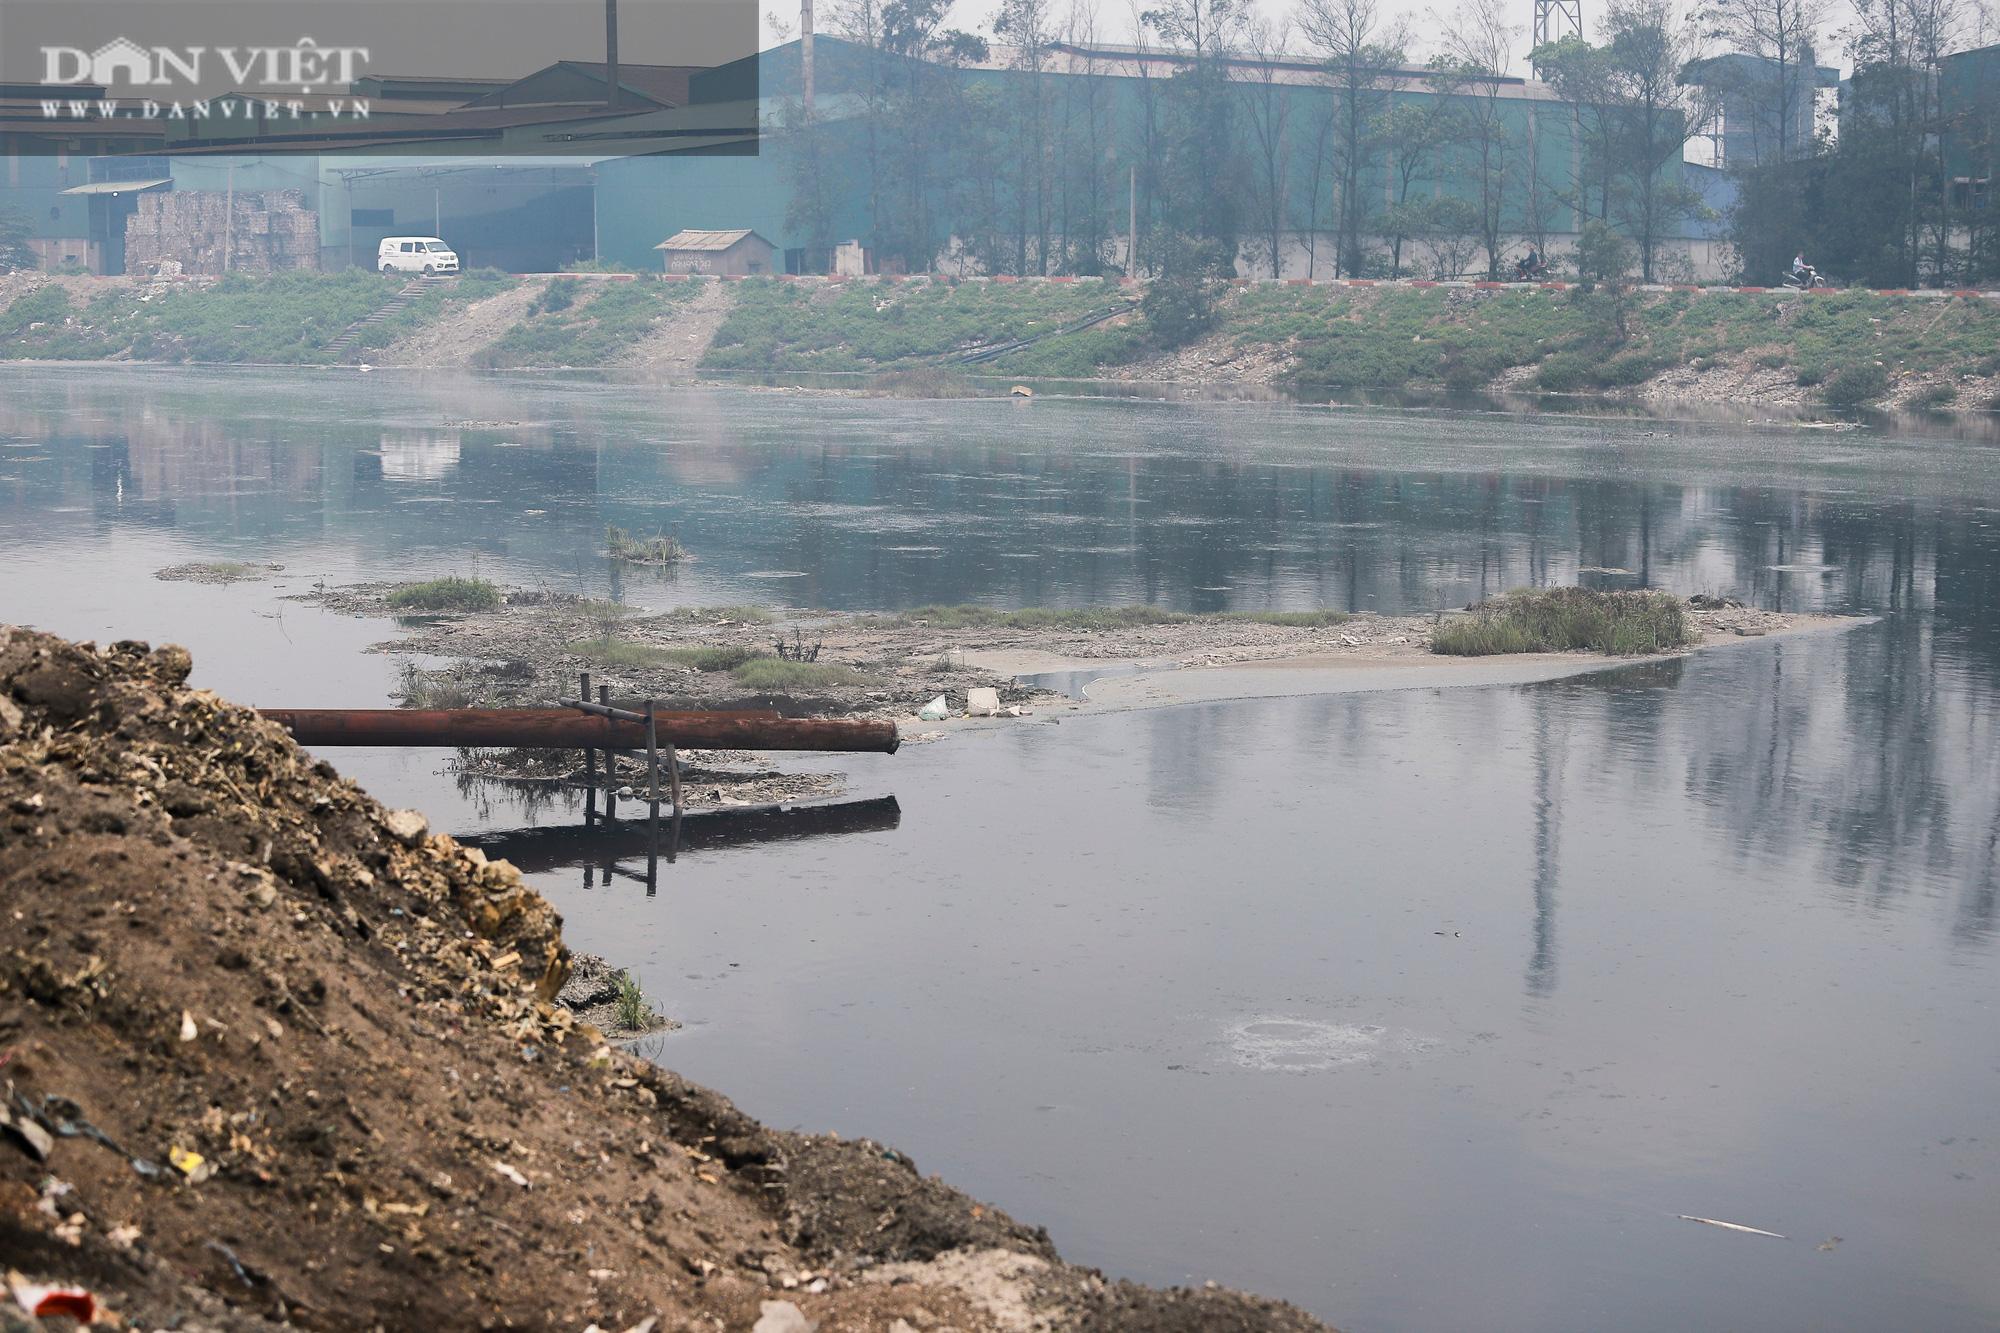 Ám ảnh khủng khiếp ở làng giấy Phú Lâm: Ô nhiễm đến con ruồi cũng không sống nổi, công nhân bán mòn sức - Ảnh 34.